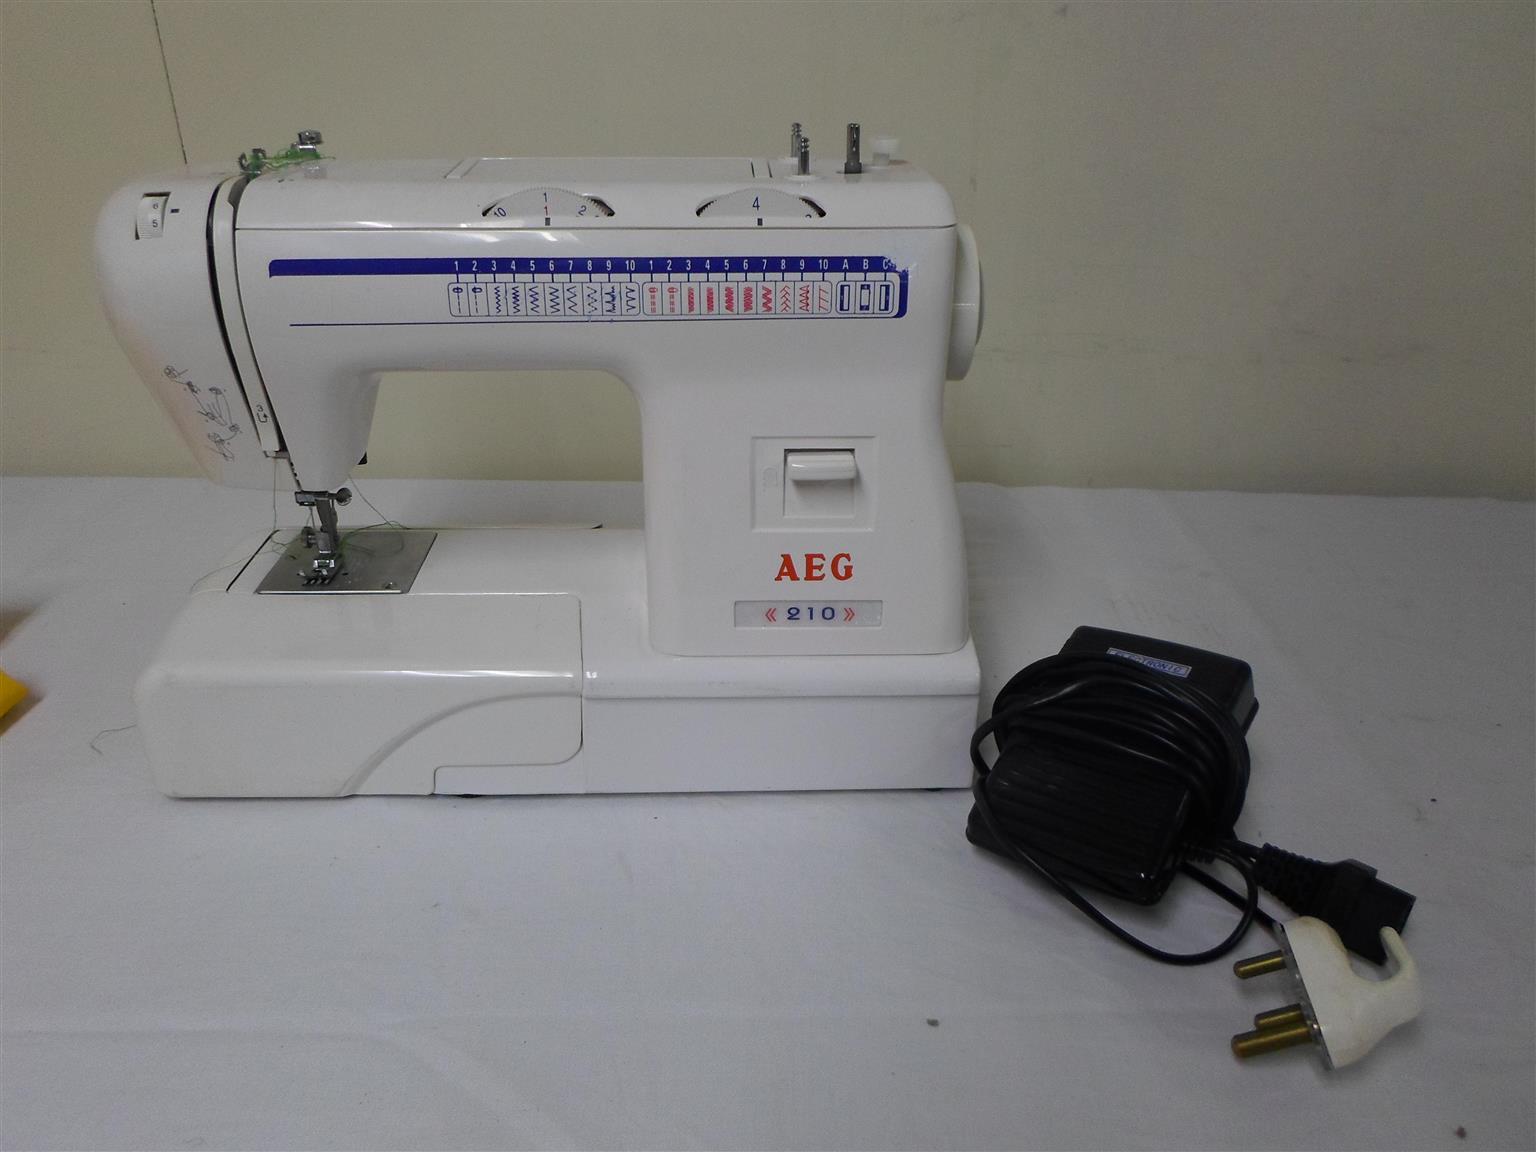 AEG 210 Sewing Machine